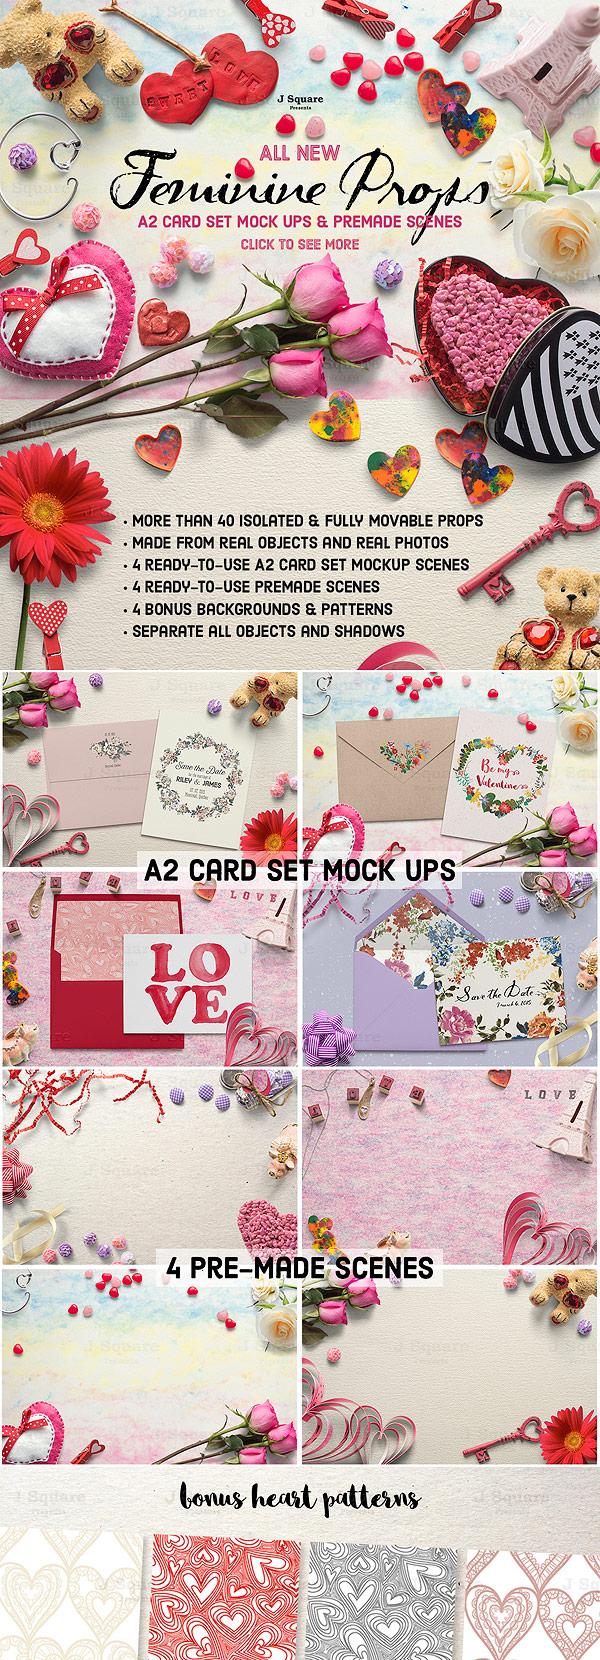 Feminine Props & A2 CardSet MockUps